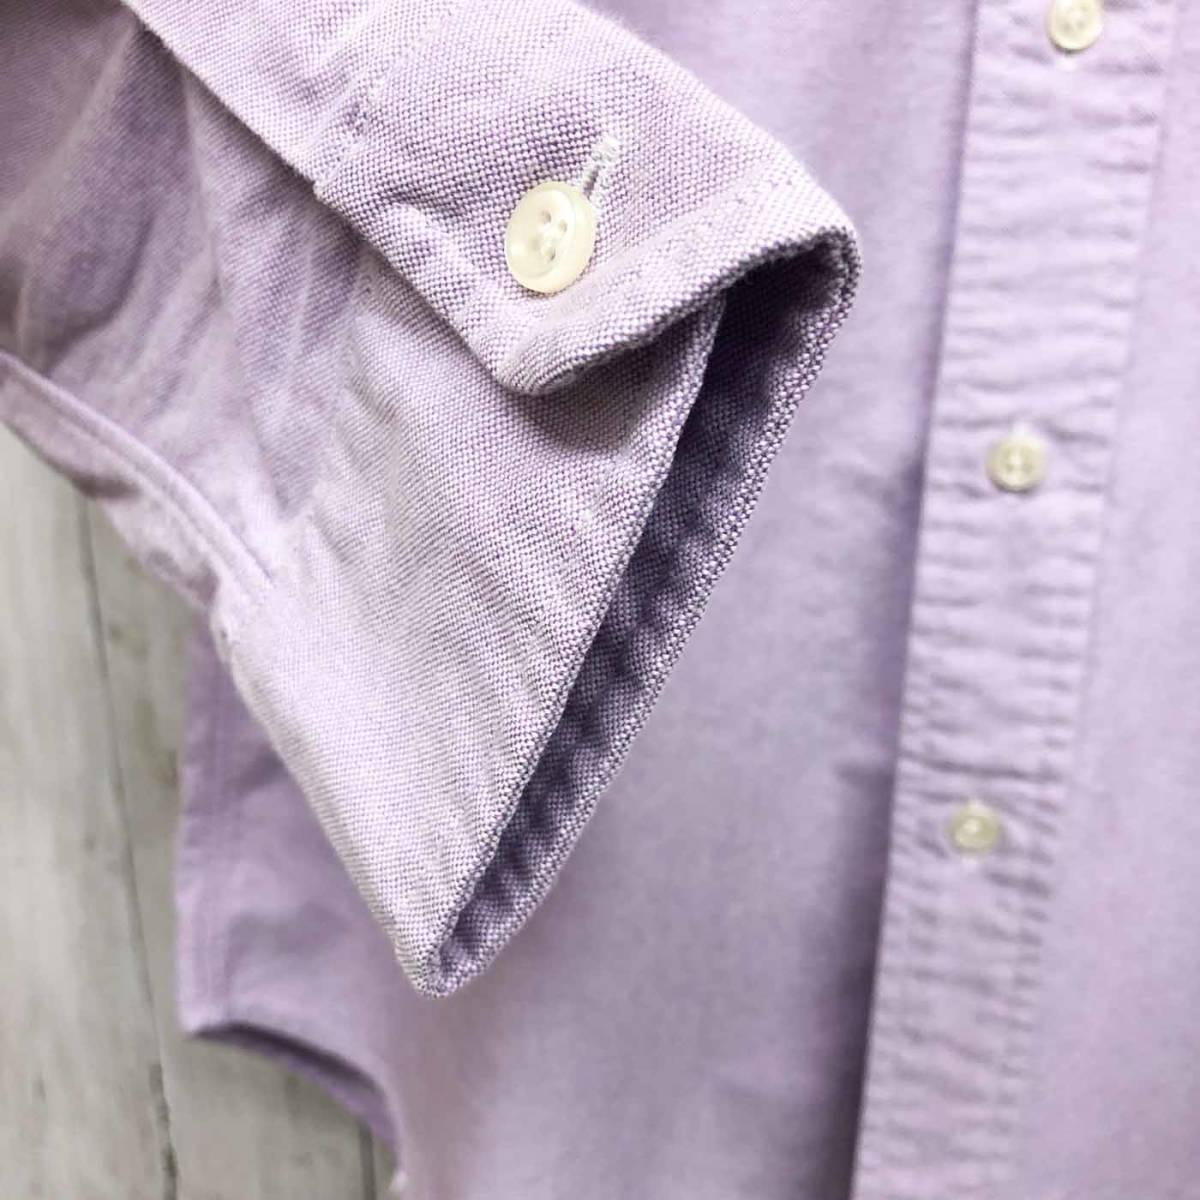 ラルフローレン POLO Ralph Lauren Polo 長袖シャツ メンズ ワンポイント Sサイズ 7-60_画像6